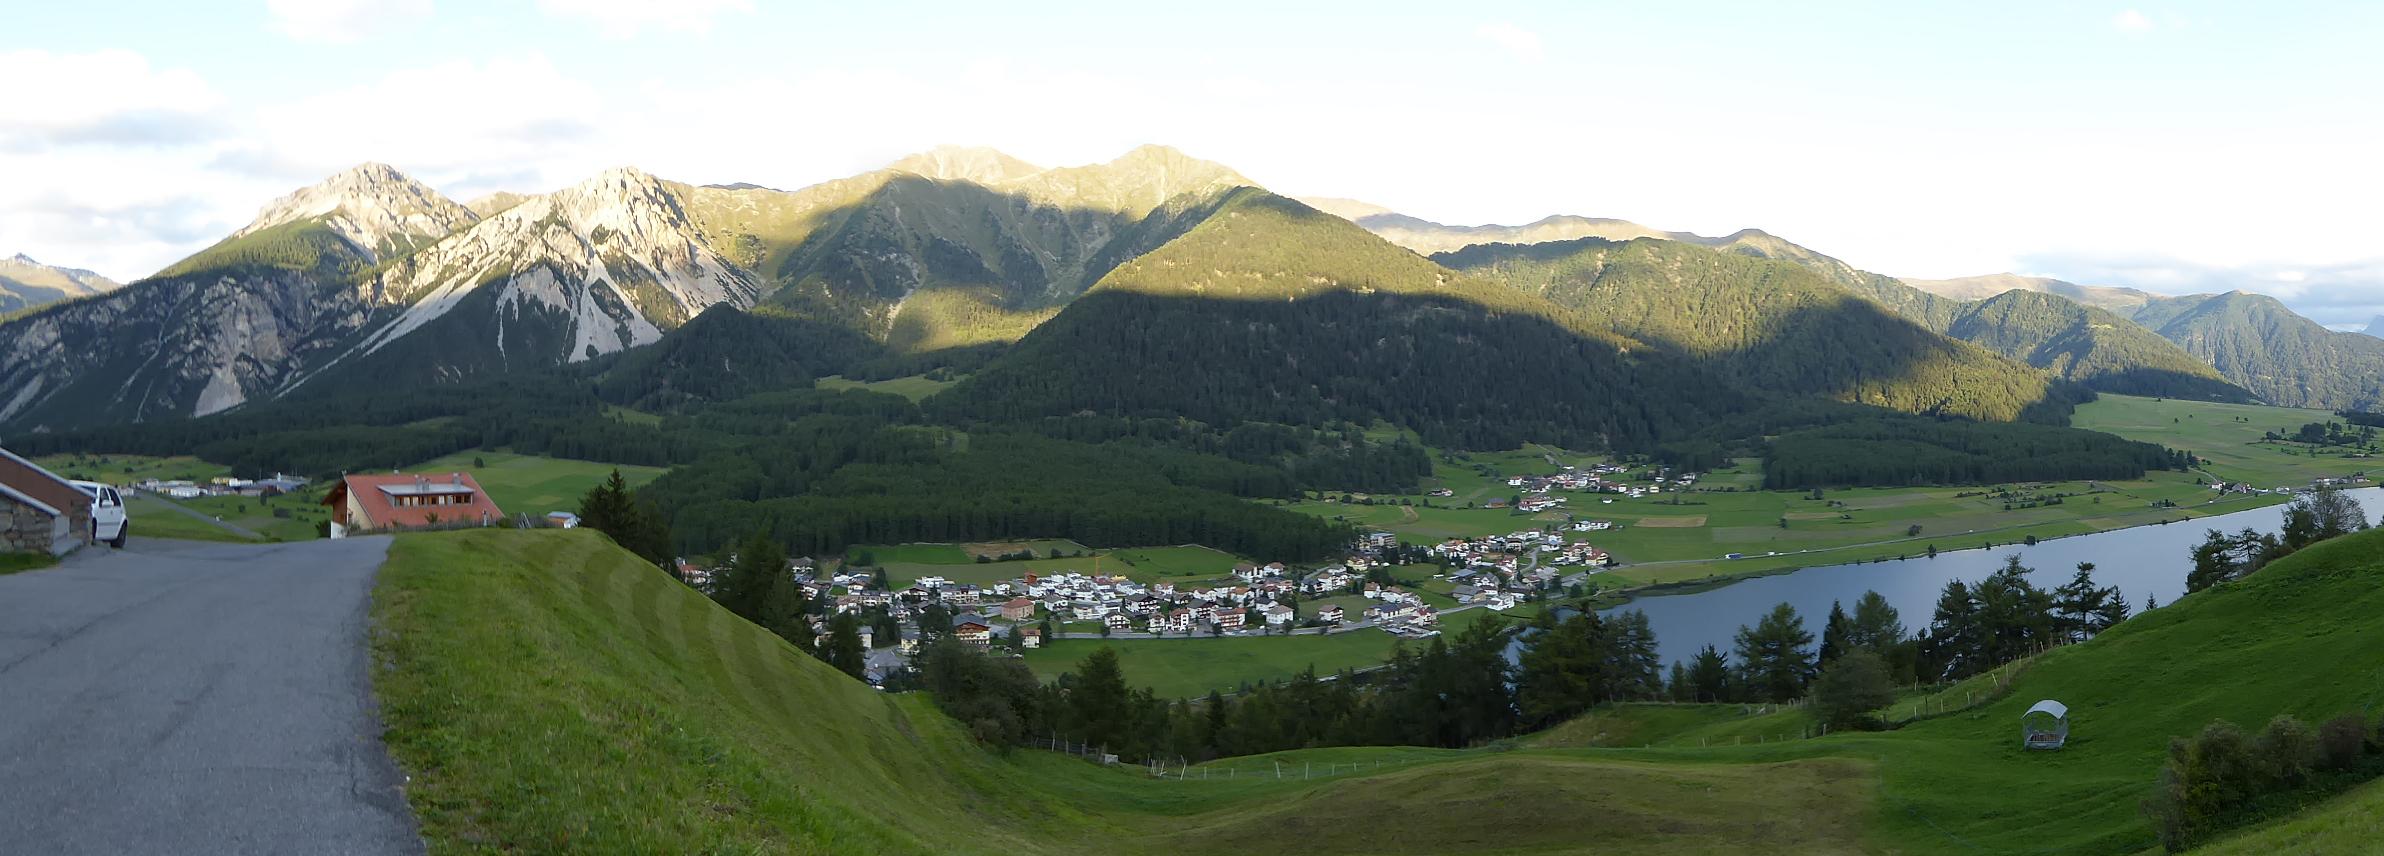 Klik op de afbeelding om deze panorama foto te vergroten.